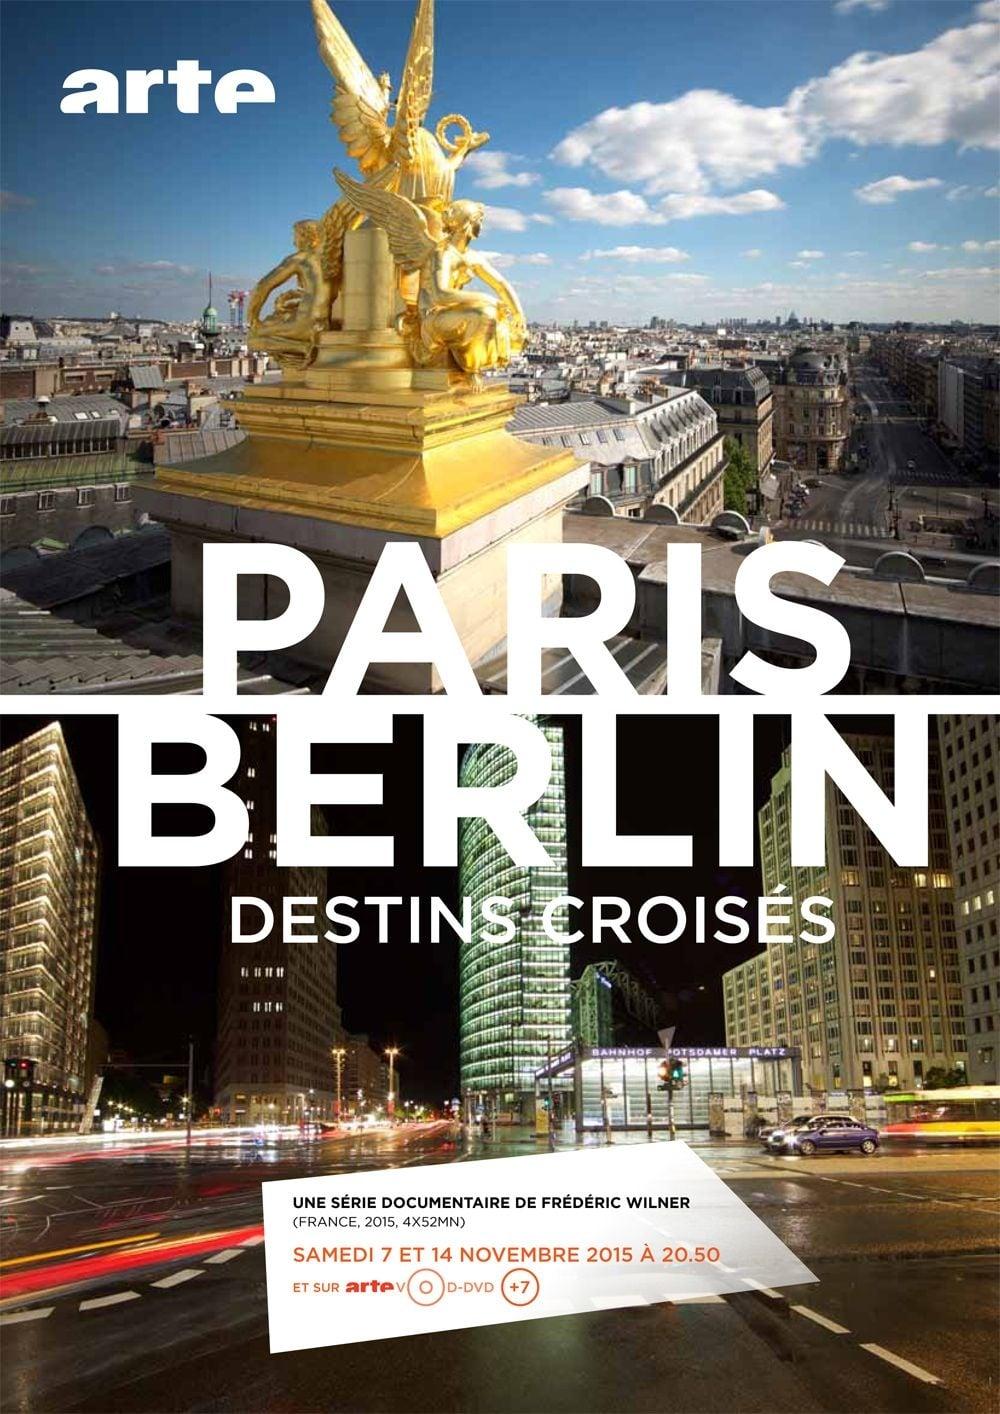 Paris-Berlin, destins croisés